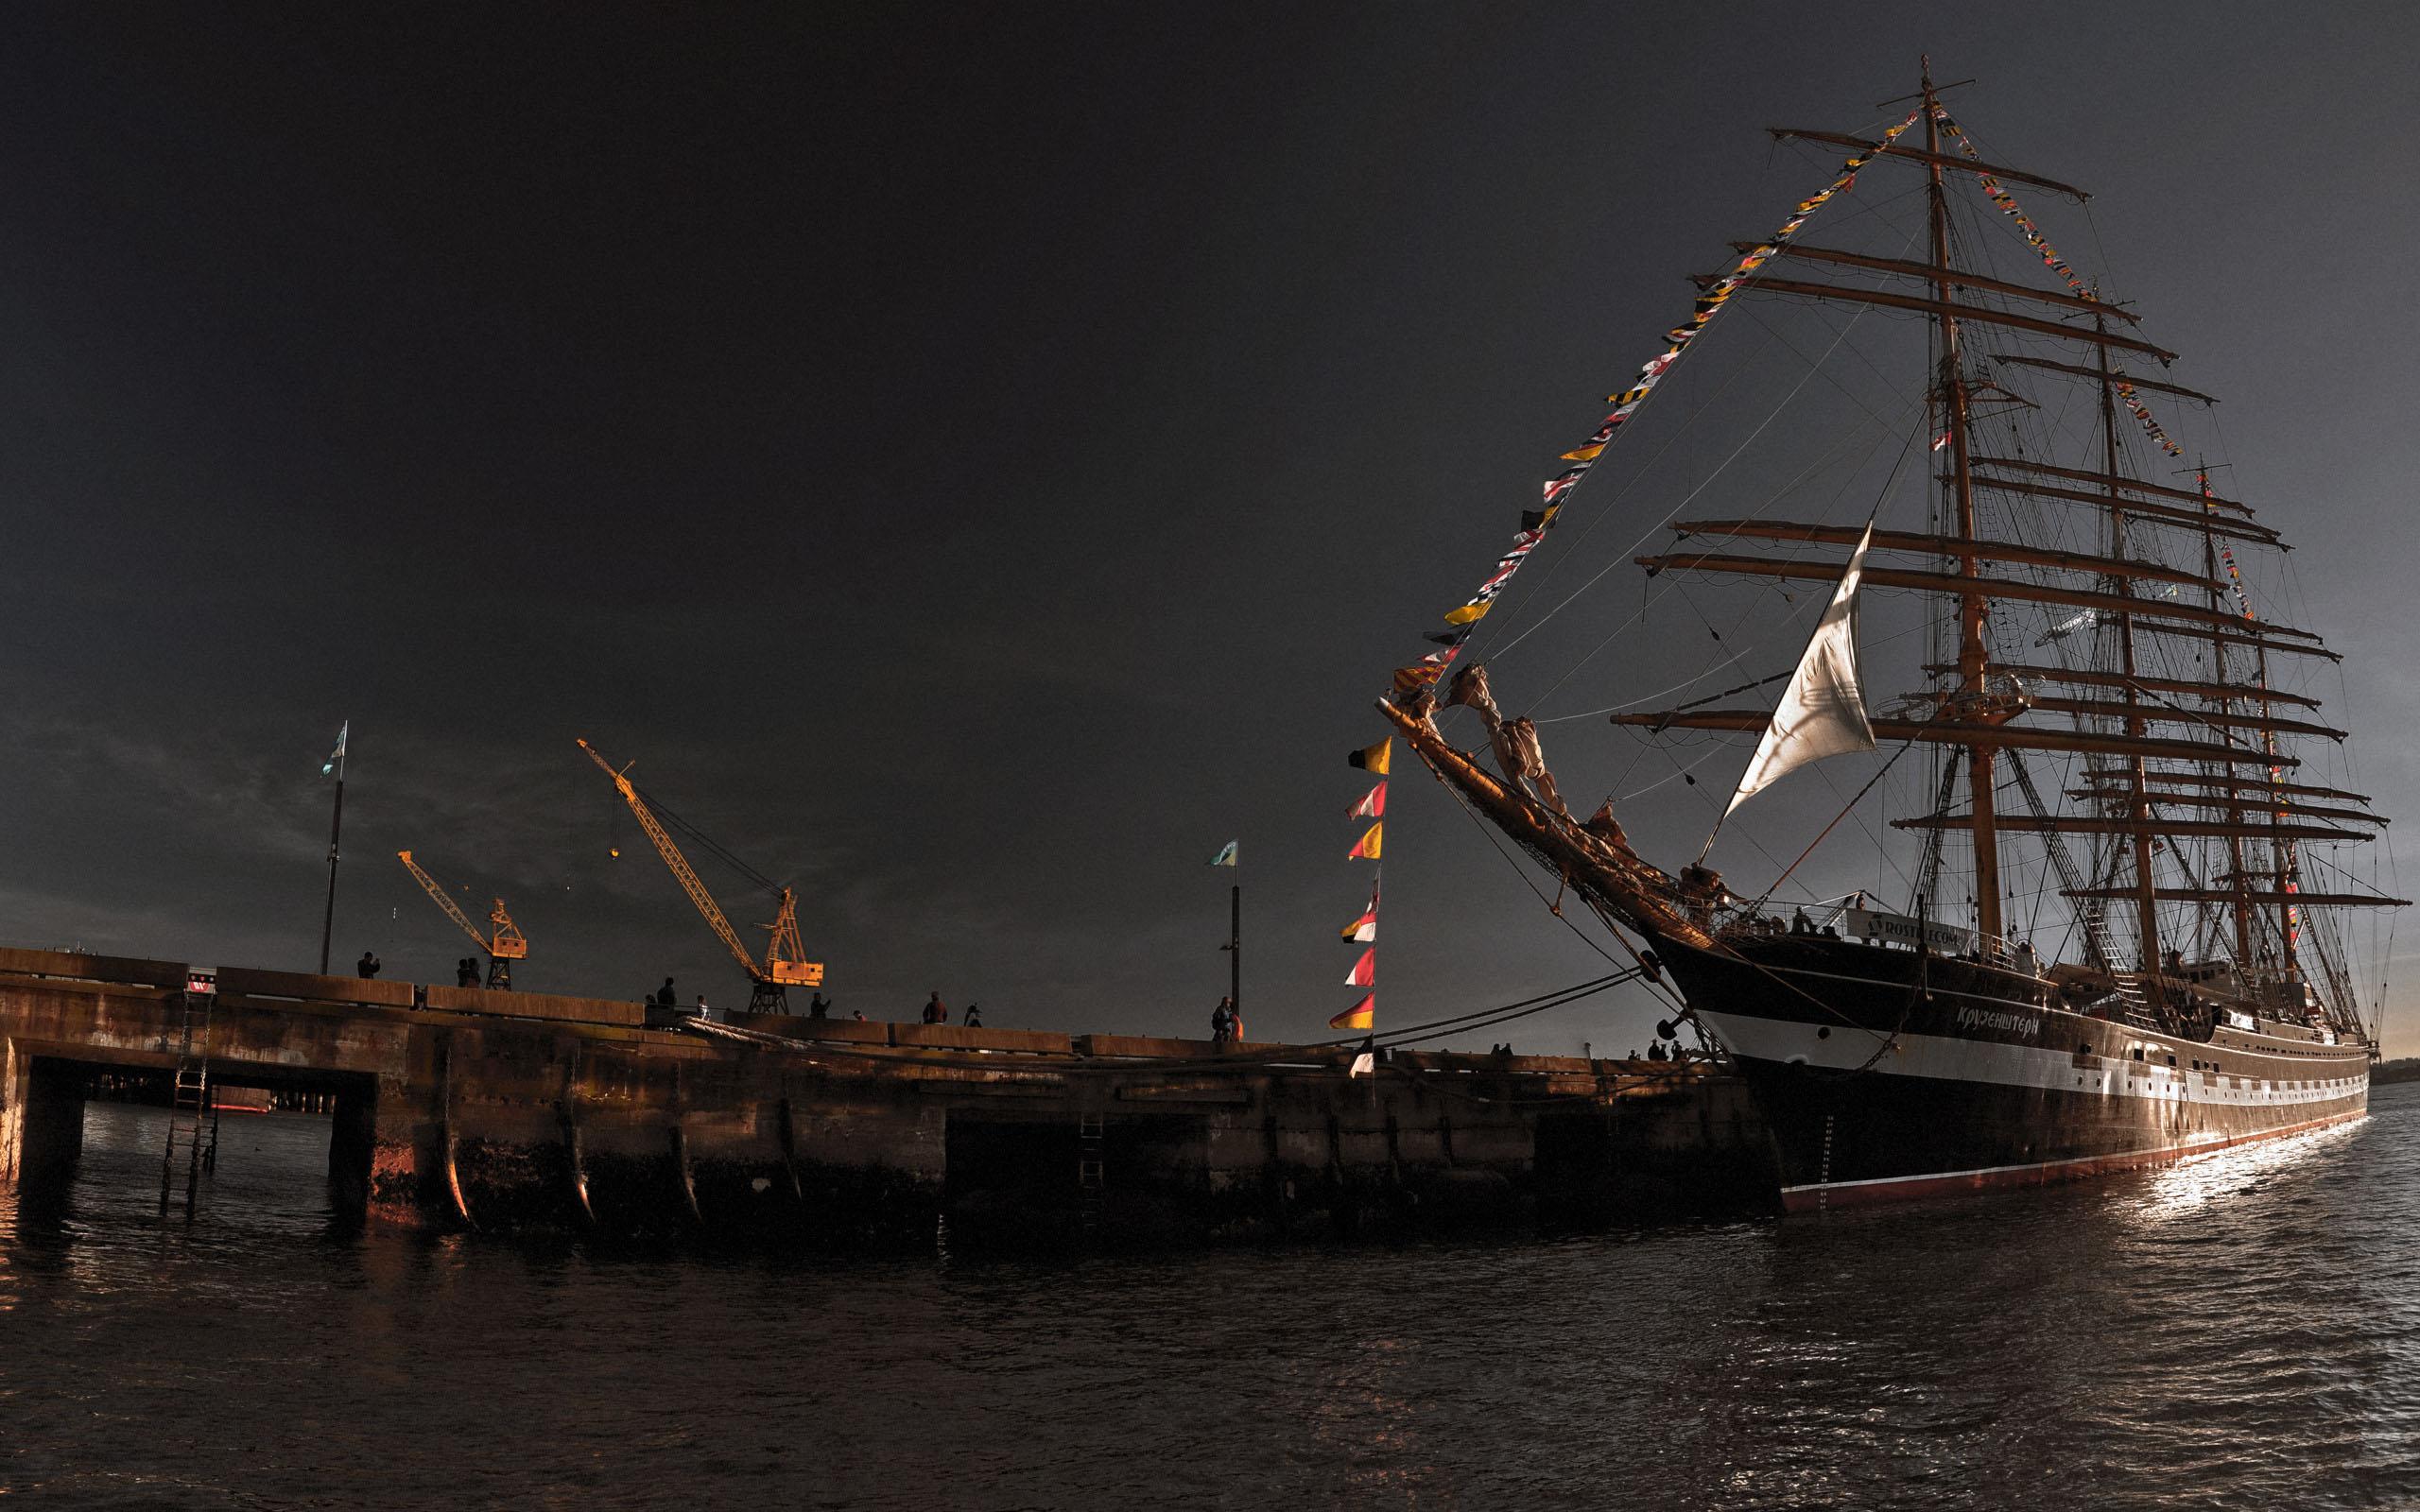 корабль парусный сумерки, море, обои на рабочий стол